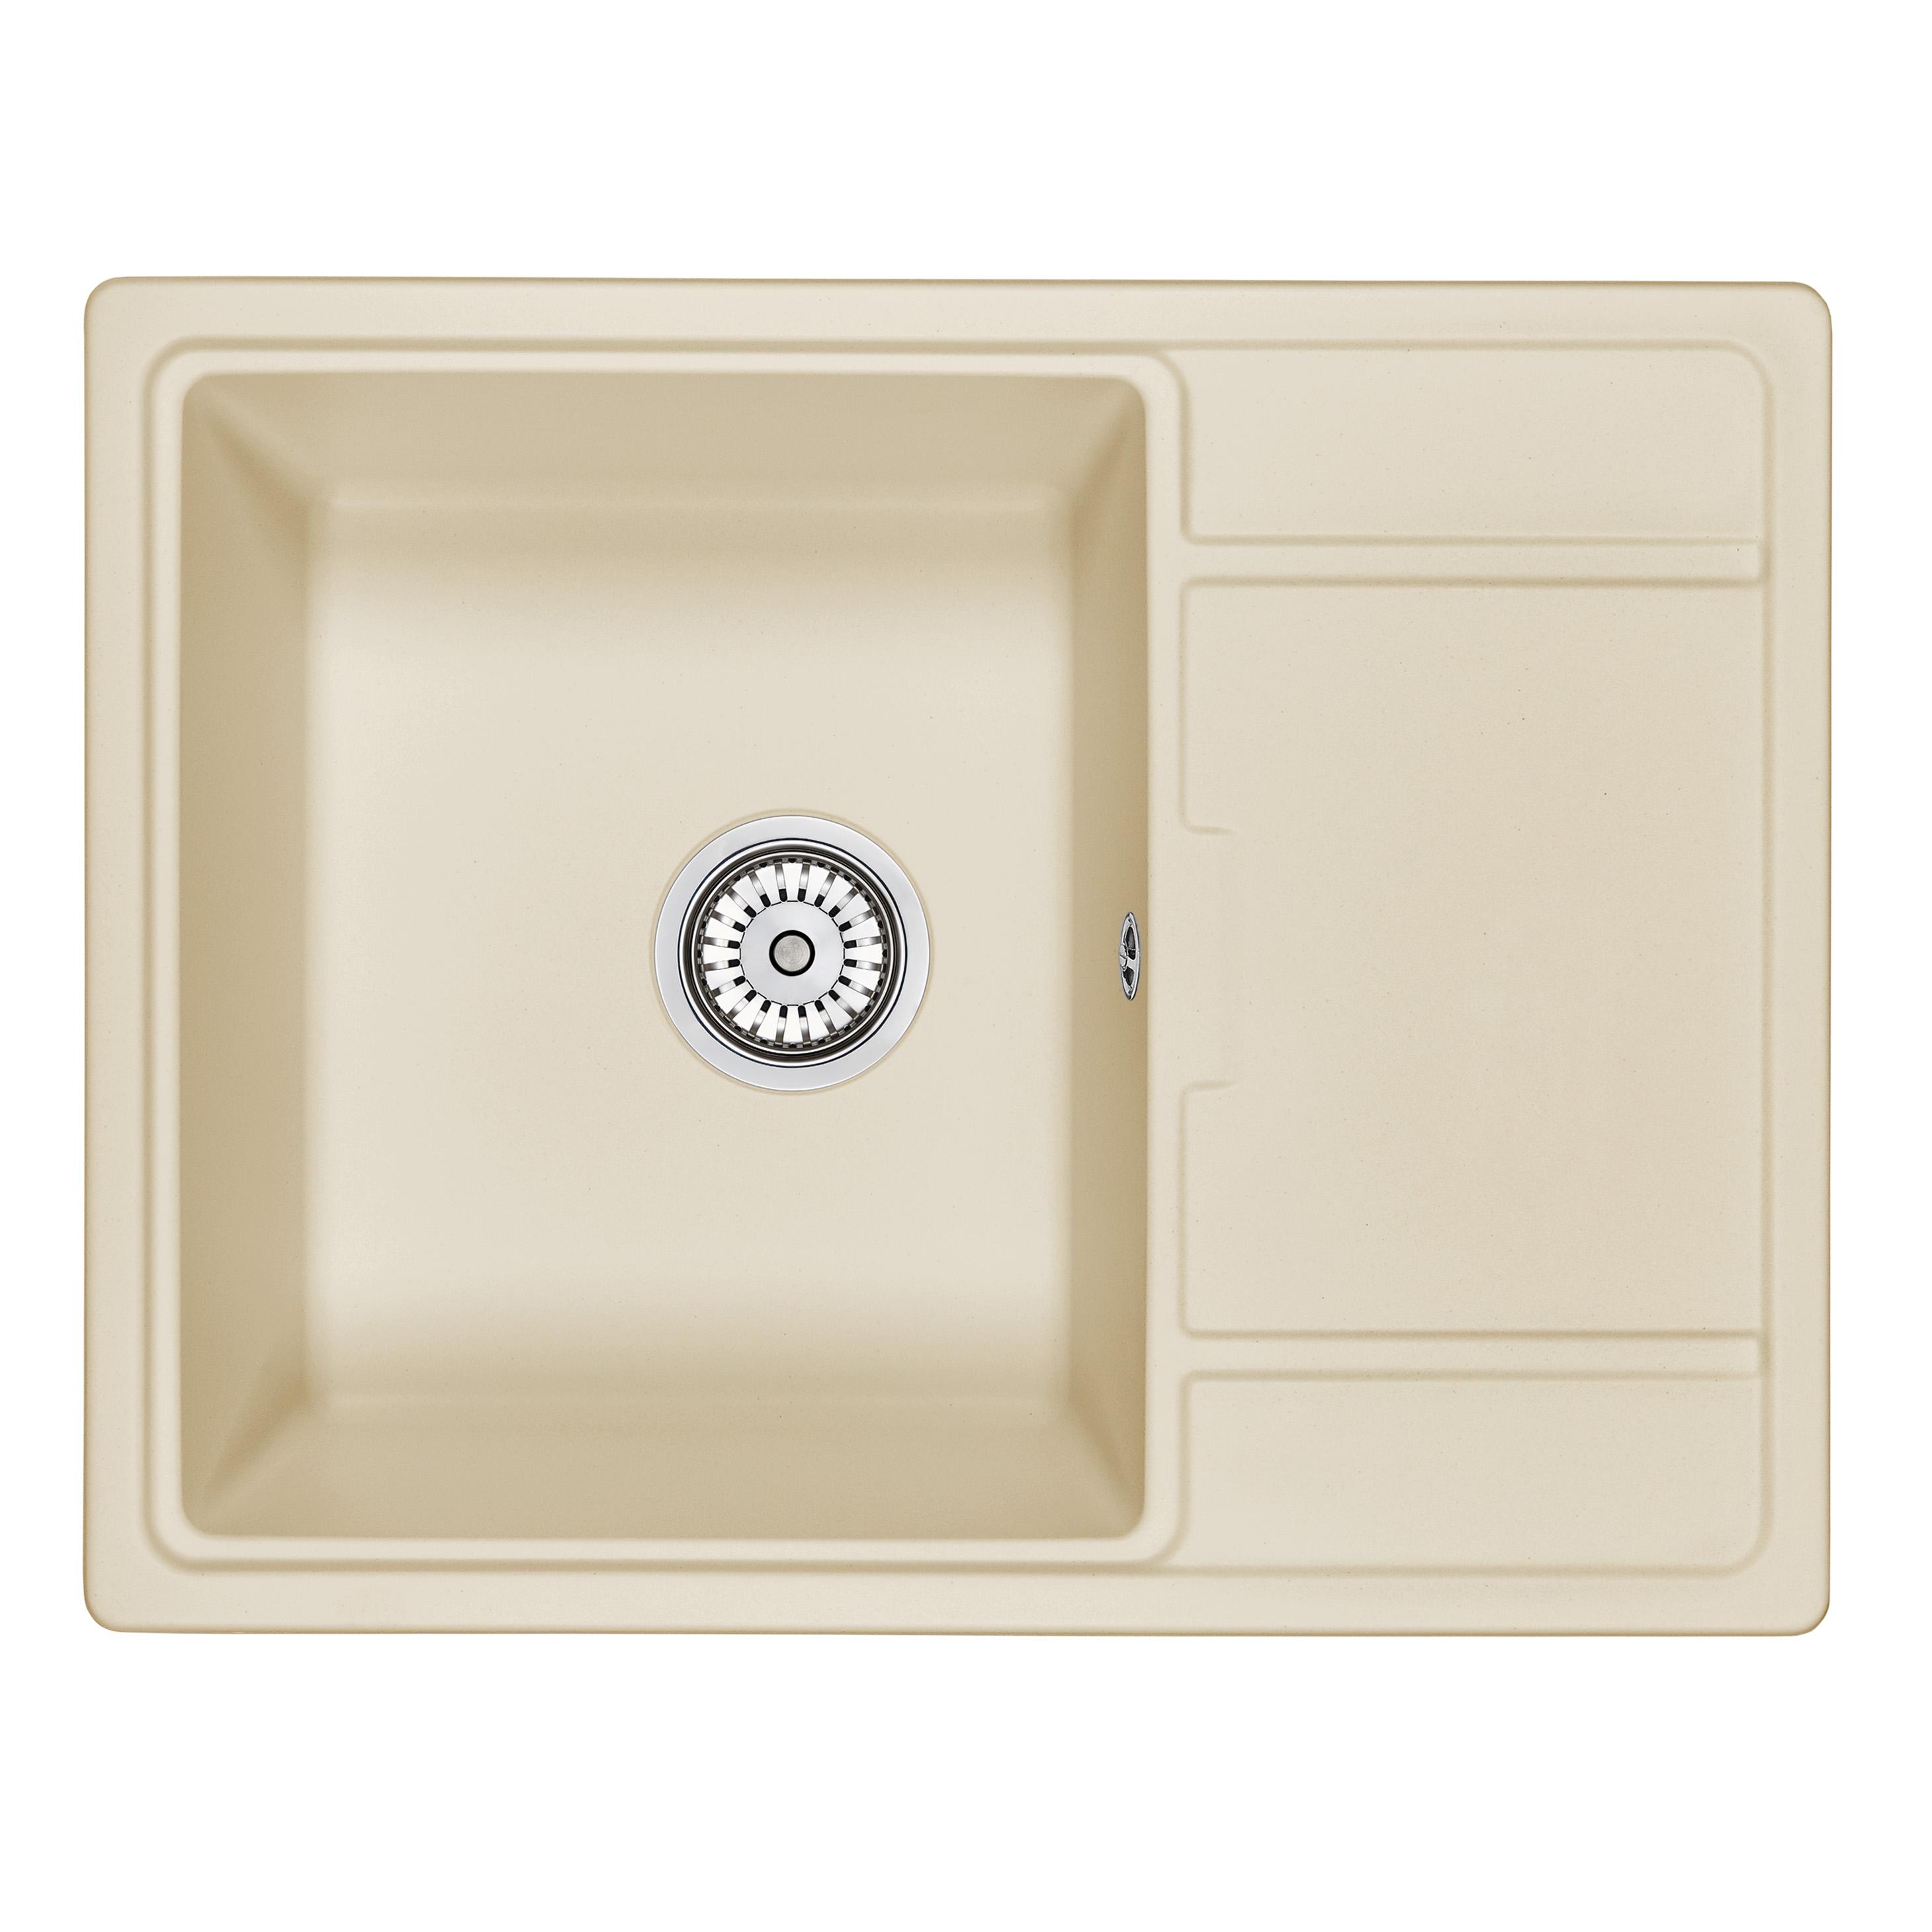 Кухонная мойка Granula GR-6503 650х500 брют кухонная мойка granula gr 8001 790х500 брют